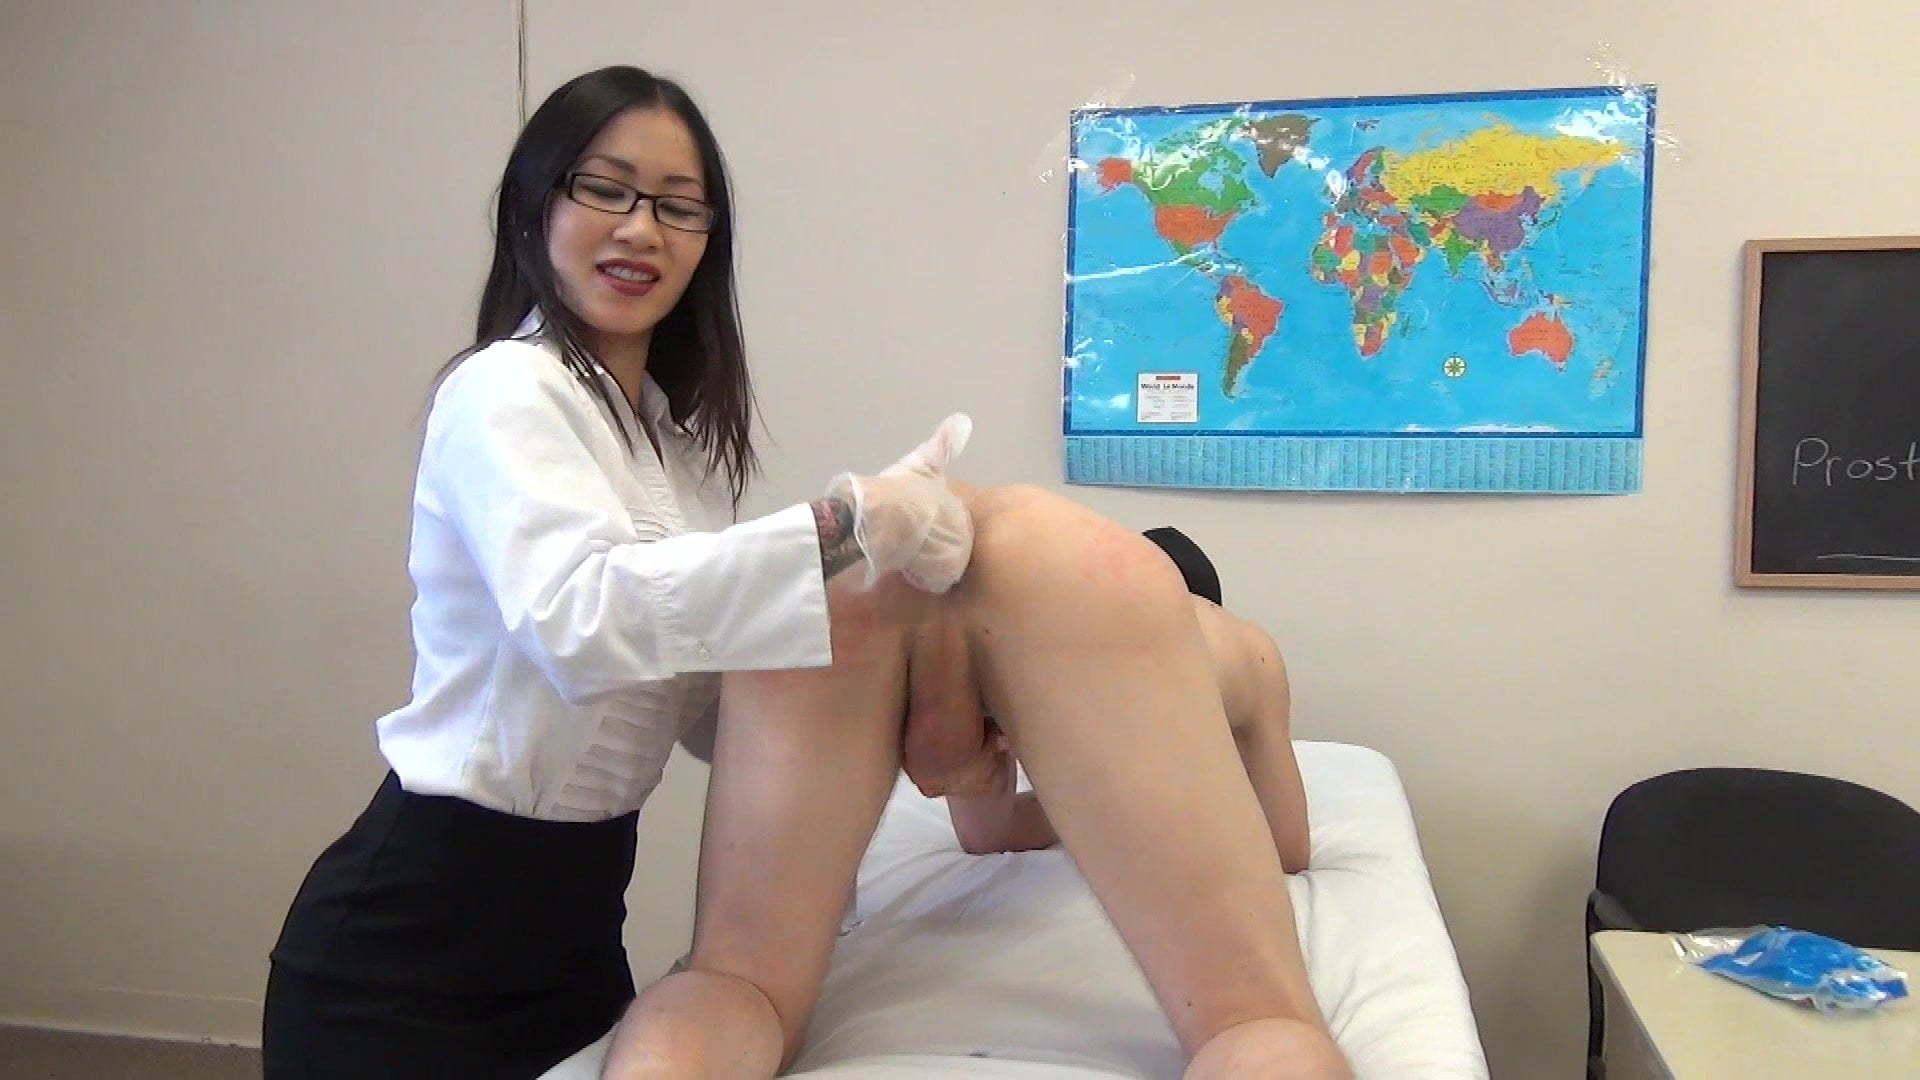 Hot Girl Black Leggings